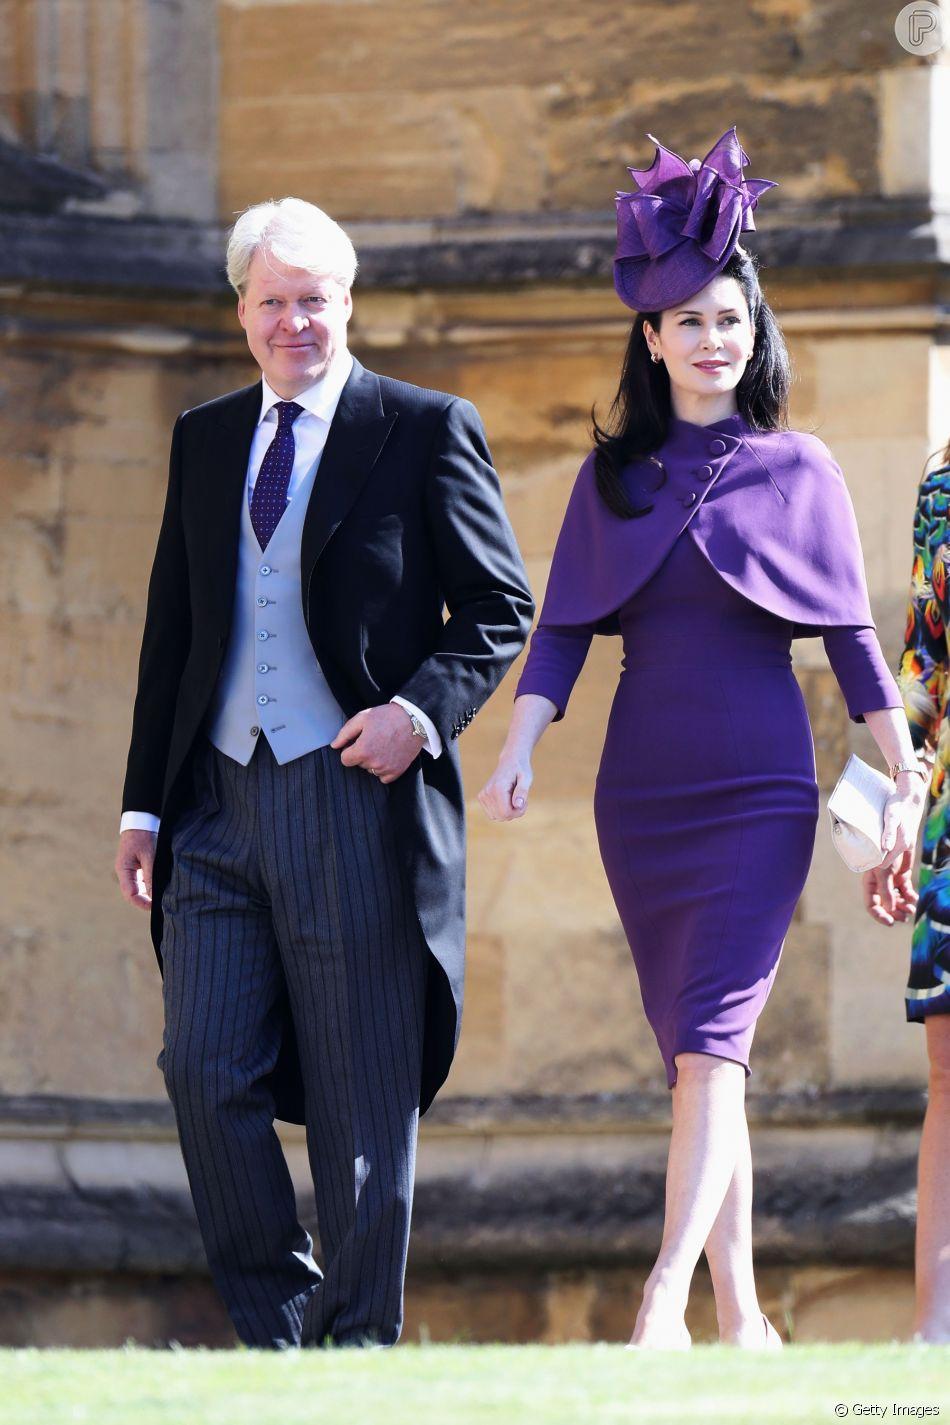 karen spencer ao lado do marido charles irmao da princesa diana no casamento do principe harry com meghan markle purepeople da princesa diana no casamento